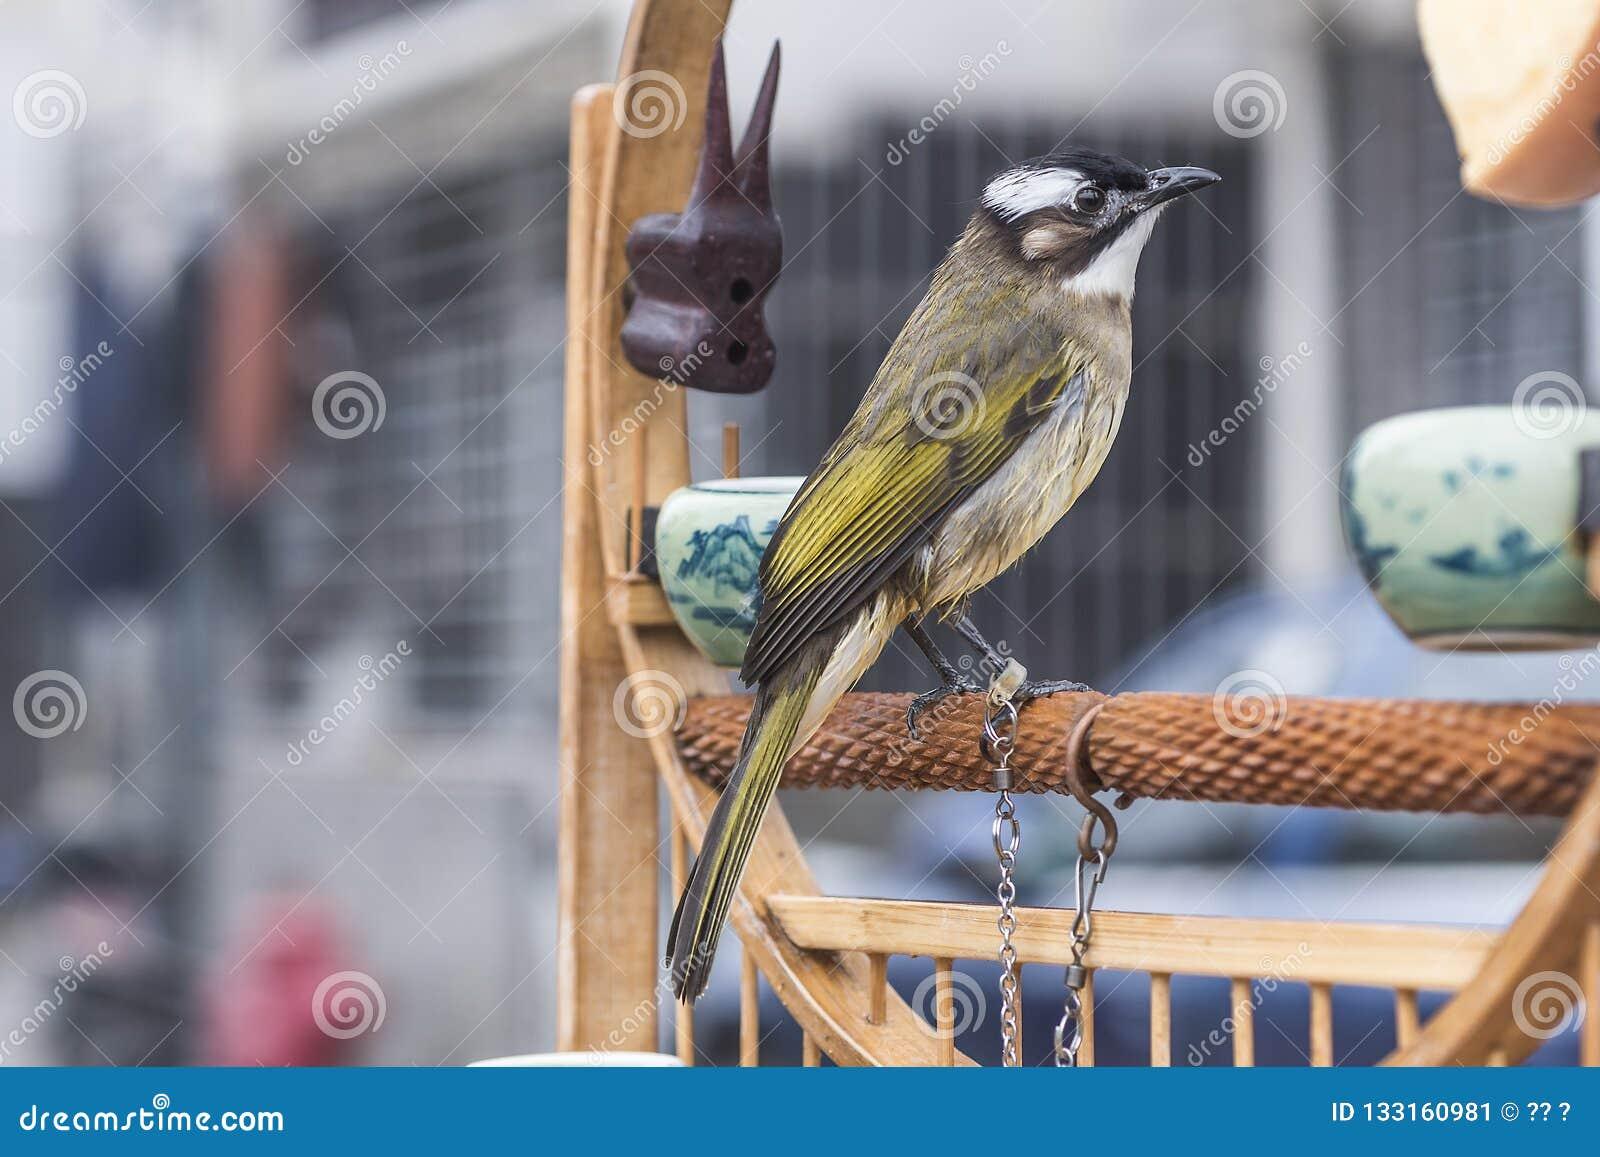 Ik wil vrij zijn Een vogel met een kabel op één been ziet vooruit eruit